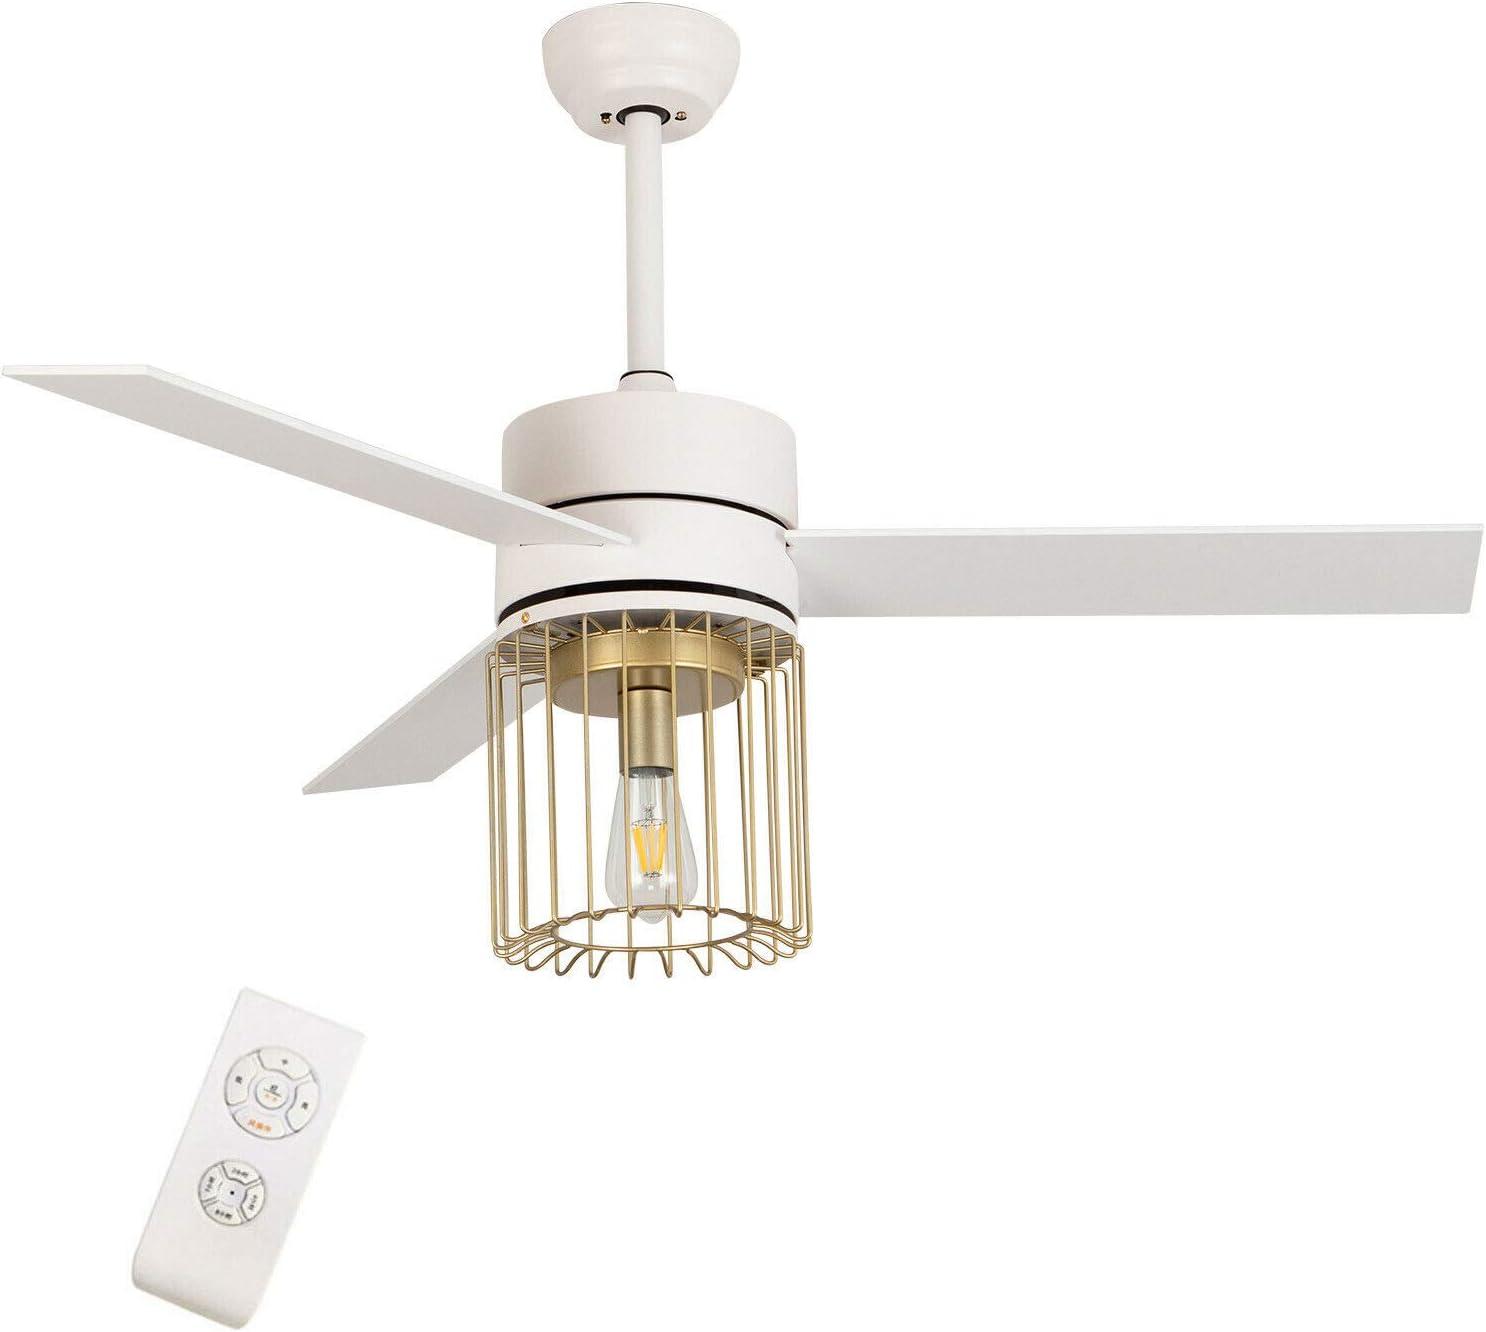 SHZICMY Ventilador de techo de 132 cm con iluminación de 3 velocidades, moderna jaula, luces con 3 cuchillas de madera con mando a distancia, color blanco, para comedor, dormitorio, salón